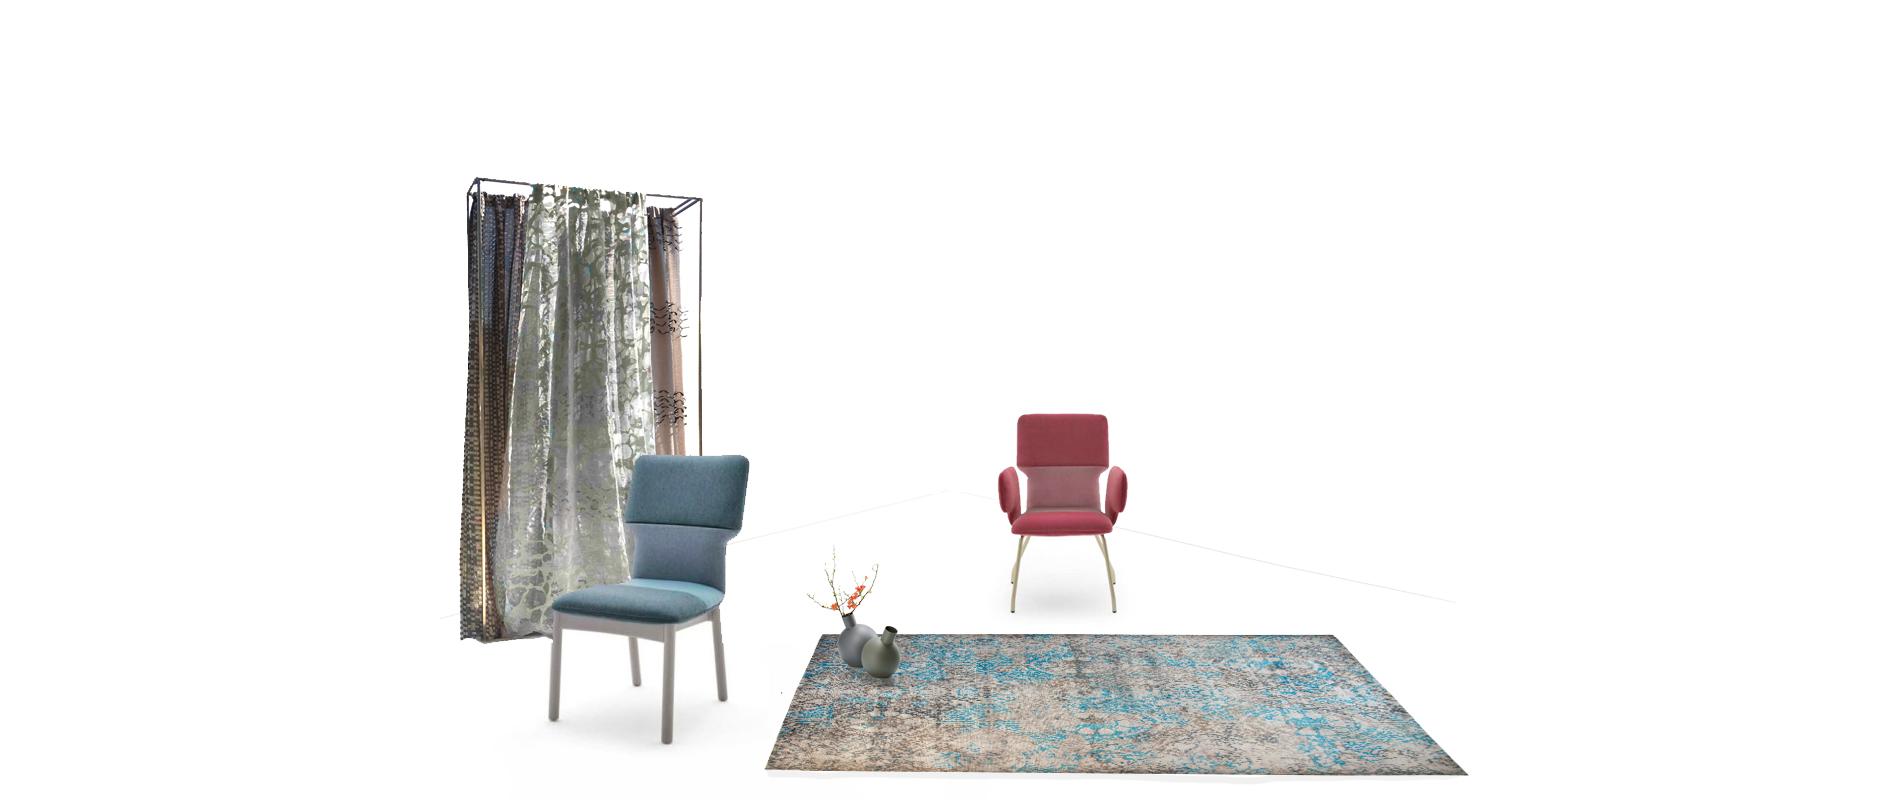 Dieses Bild zeigt Produkte der Firma Seidel Raumgestaltung